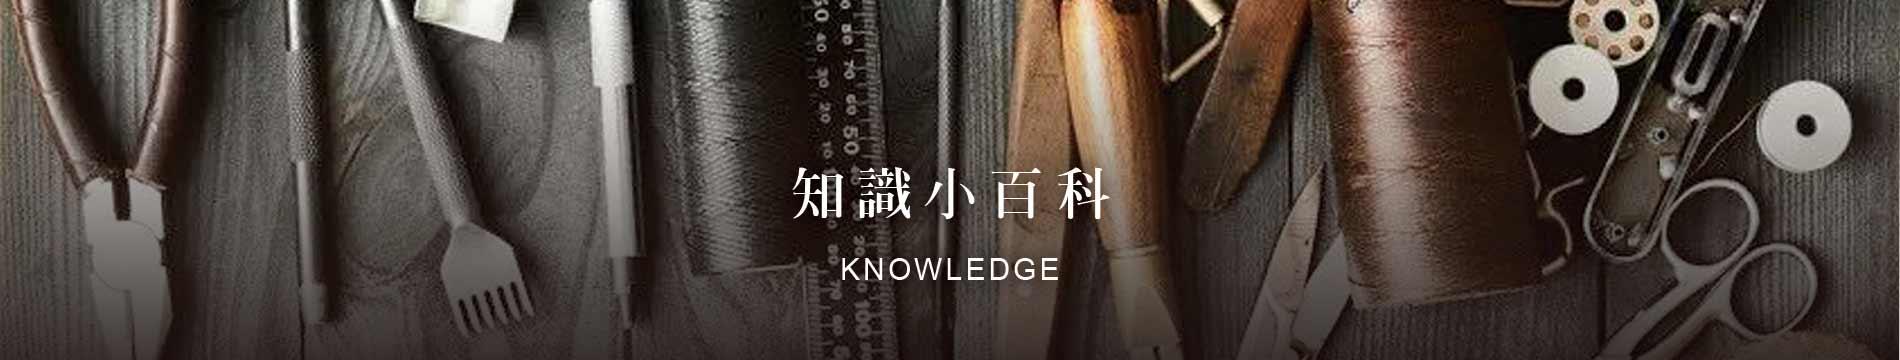 知識小百科Knowledge